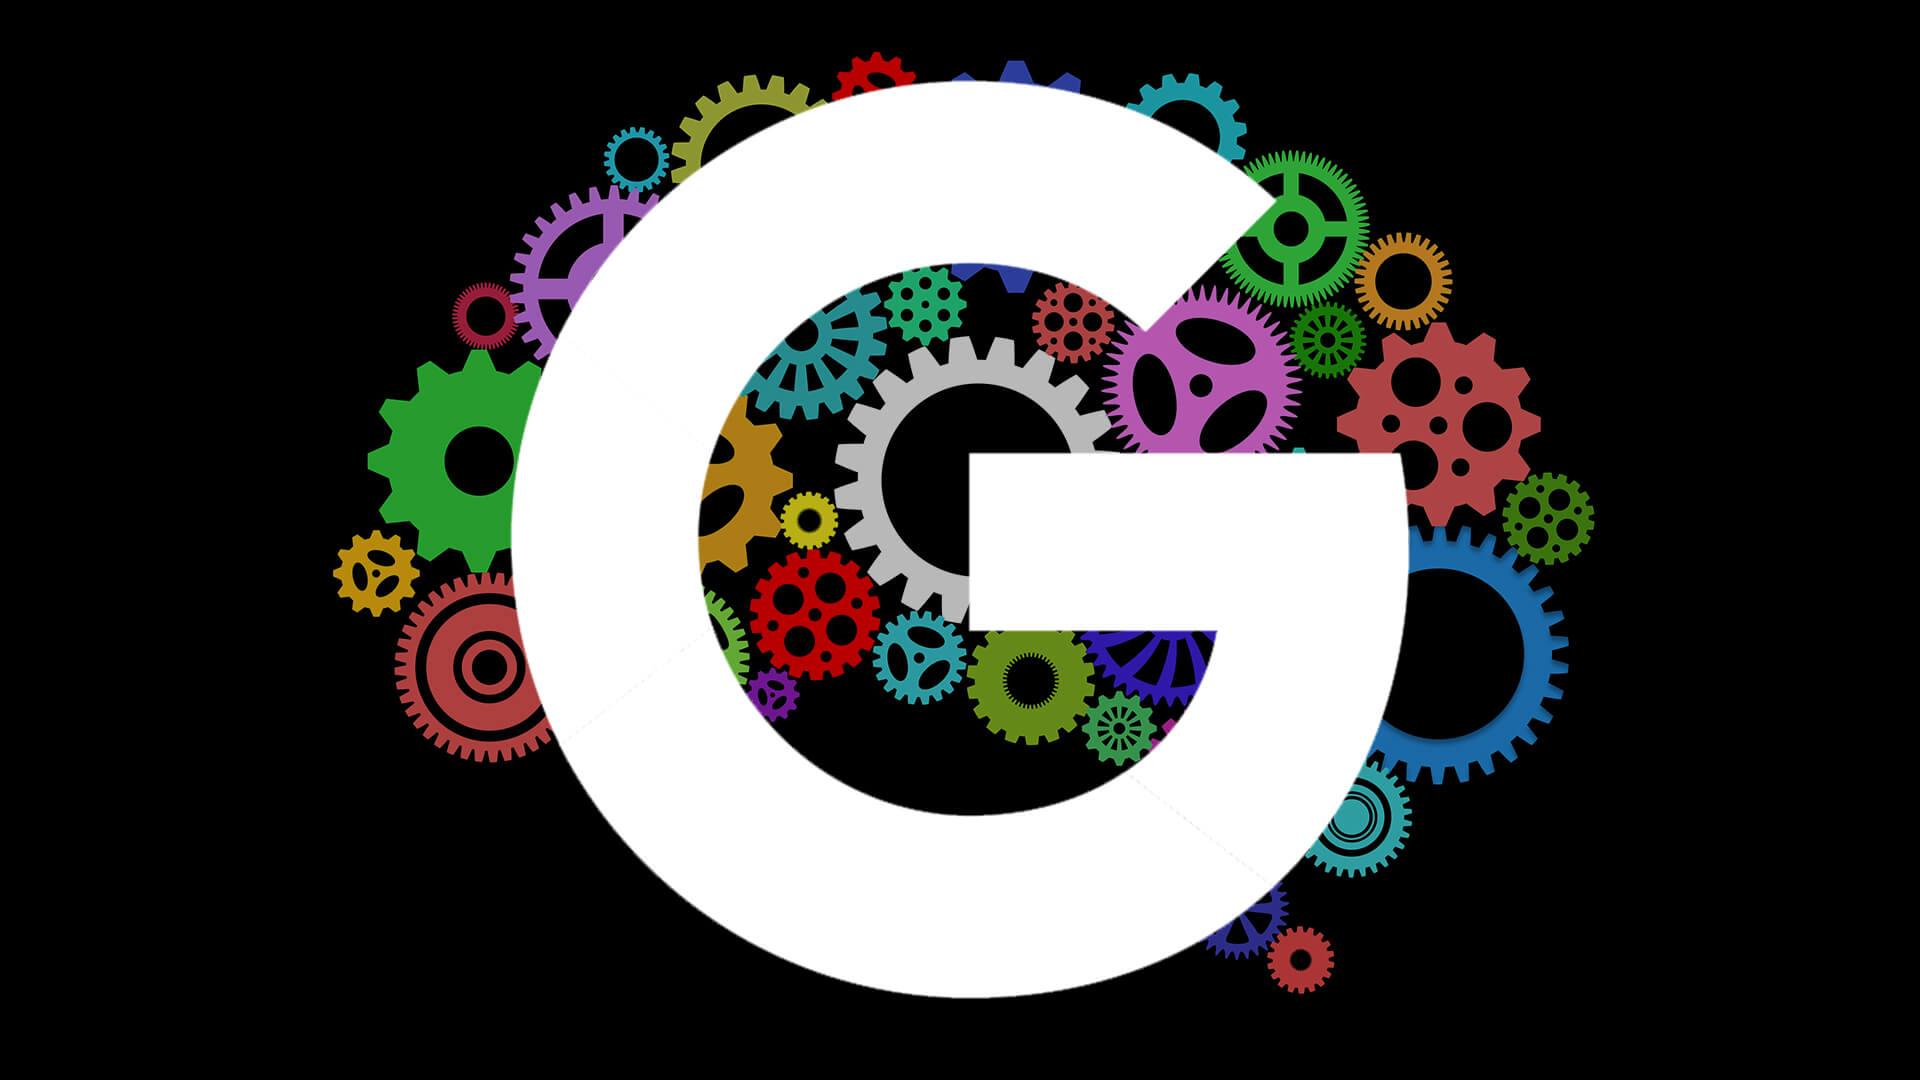 Tehnologiile mobile au capturat interesul publicului și sunt urmate rapid de machine learning